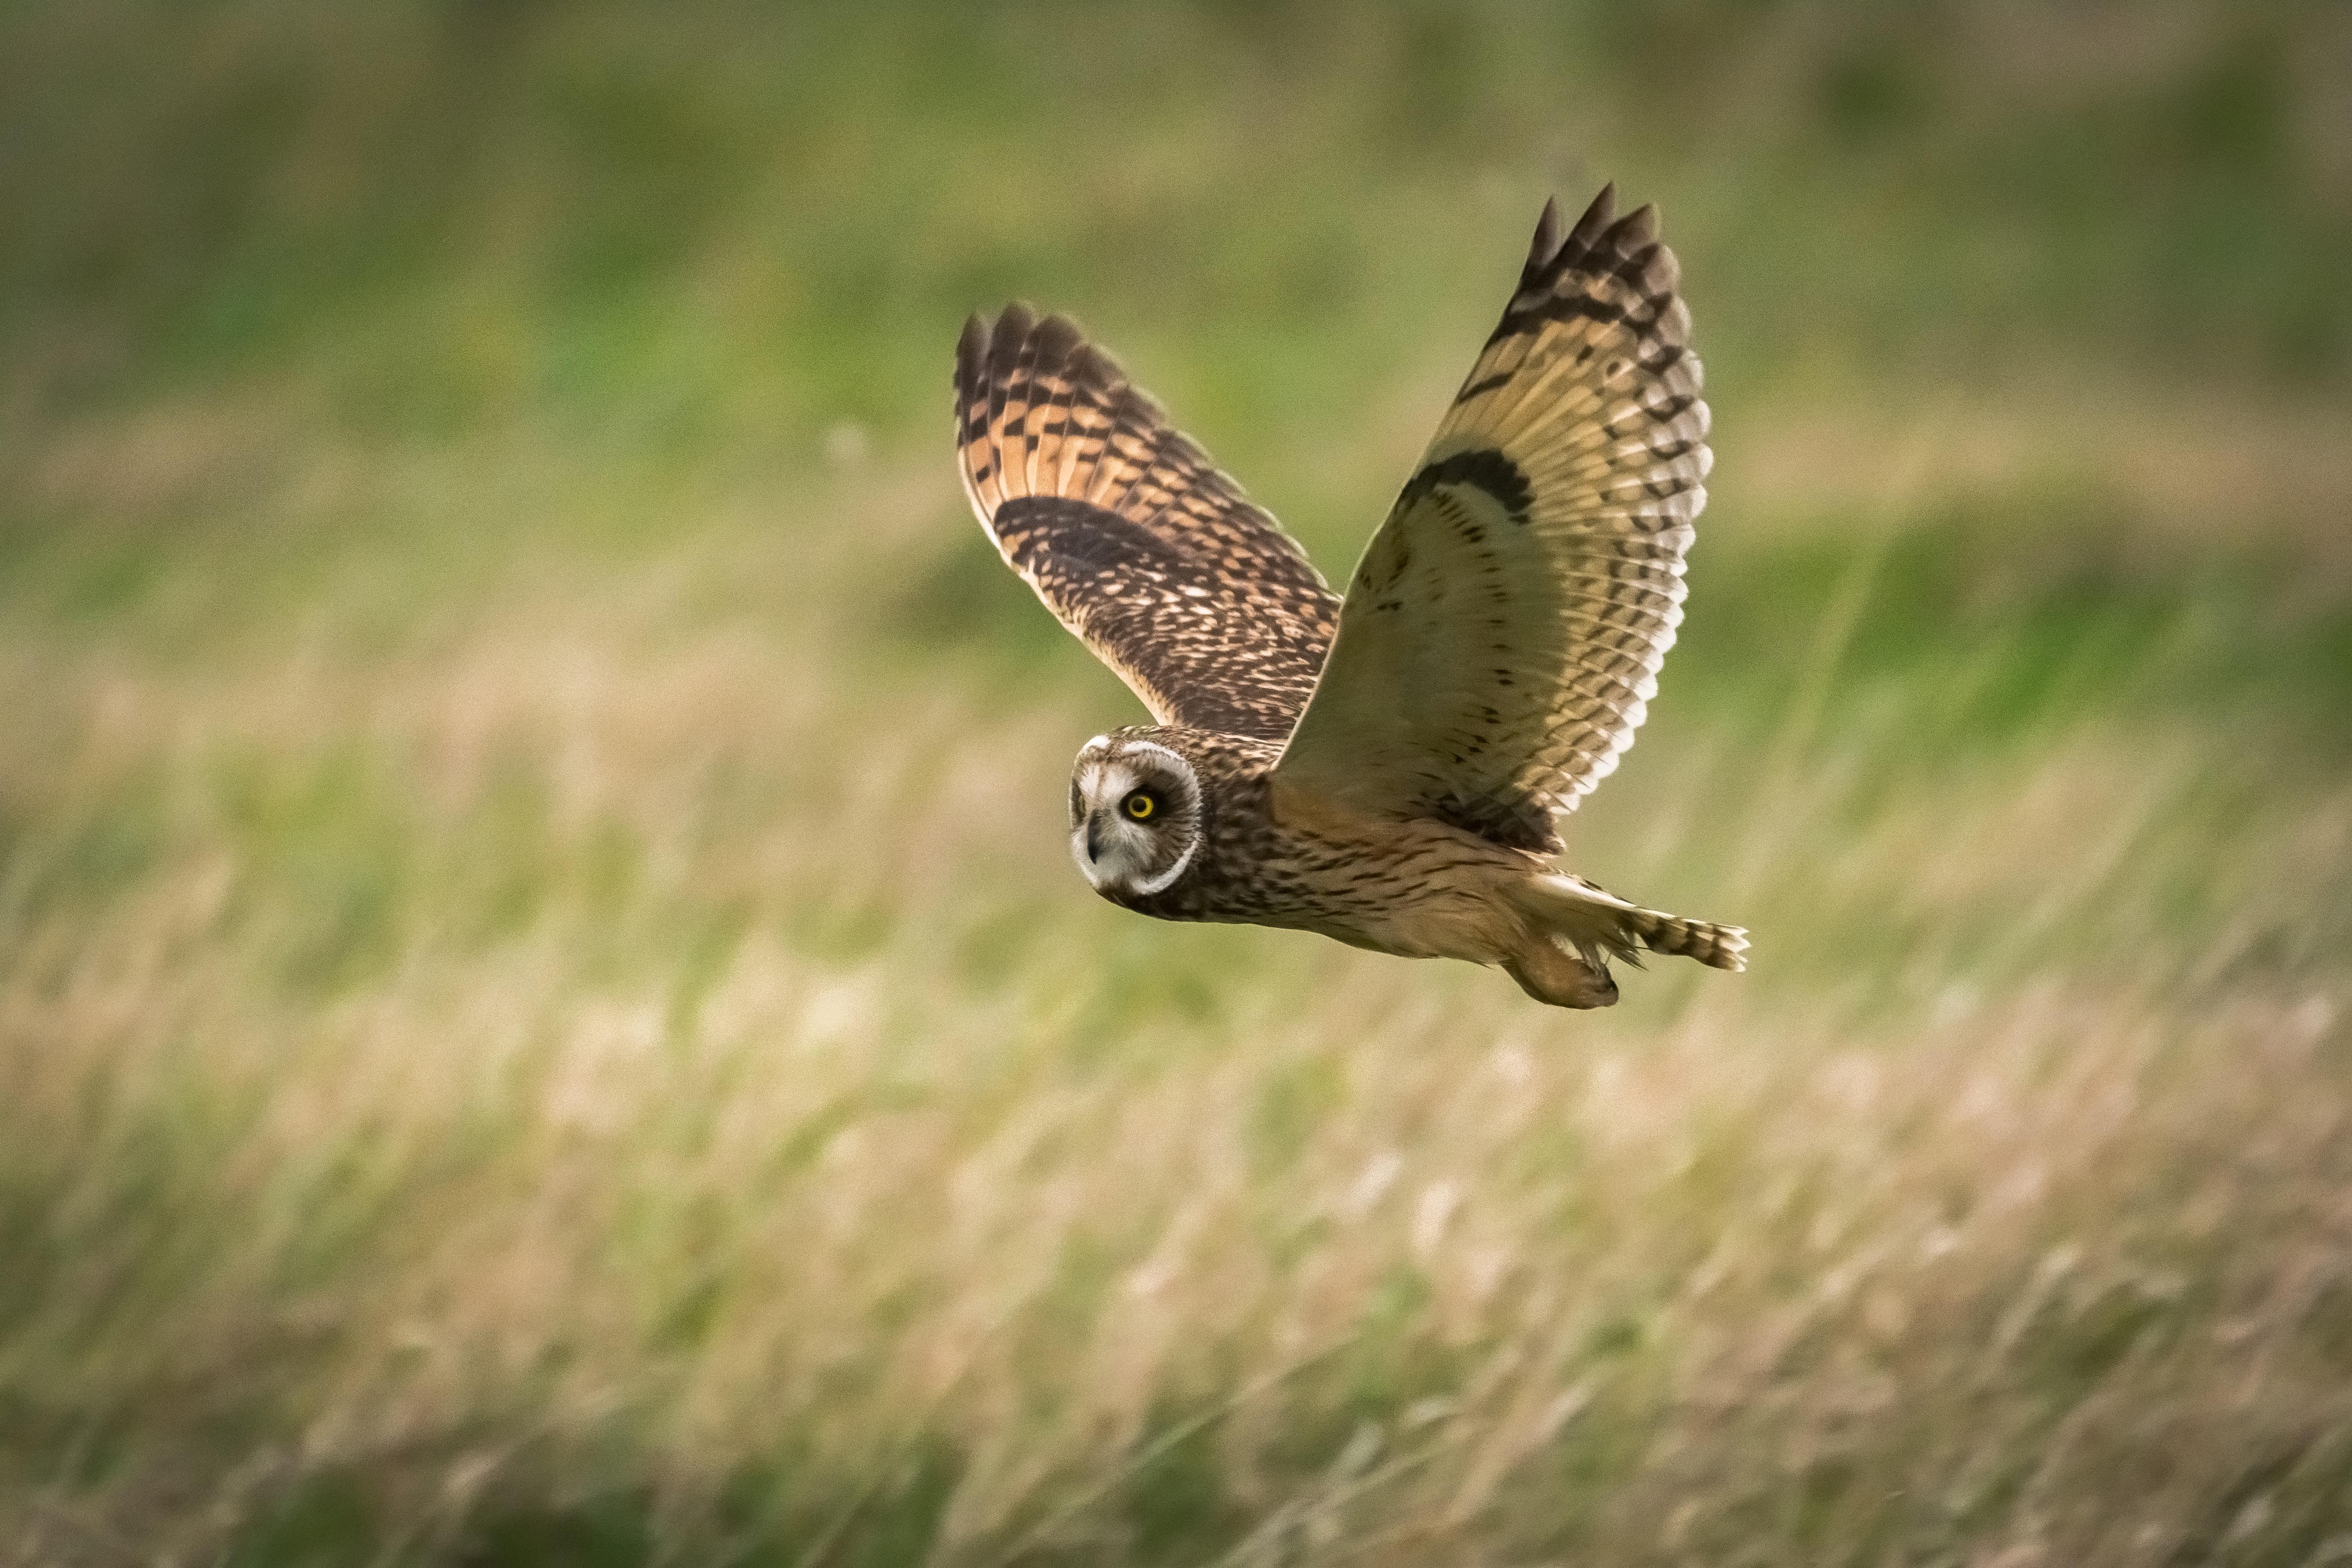 63485 Hintergrundbild herunterladen Tiere, Eule, Vogel, Feld, Flug, Wilde Natur, Wildlife - Bildschirmschoner und Bilder kostenlos